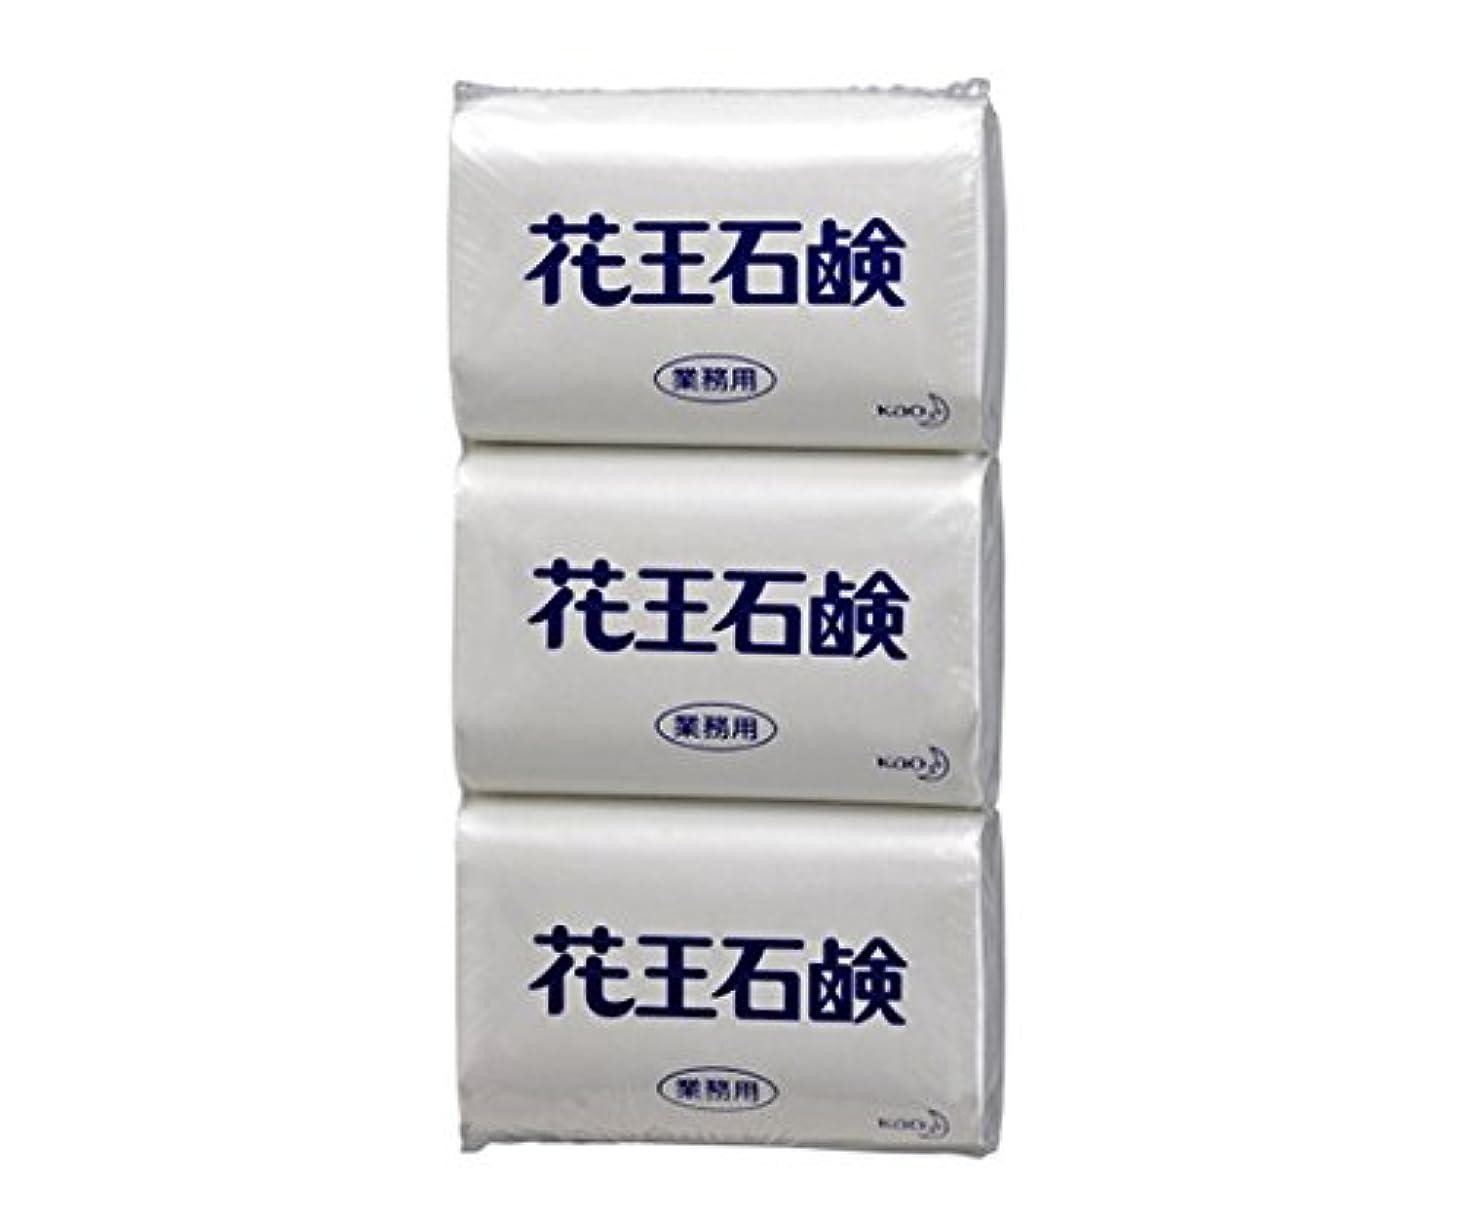 フィットネス刺激する物質花王1-2756-11石鹸85G